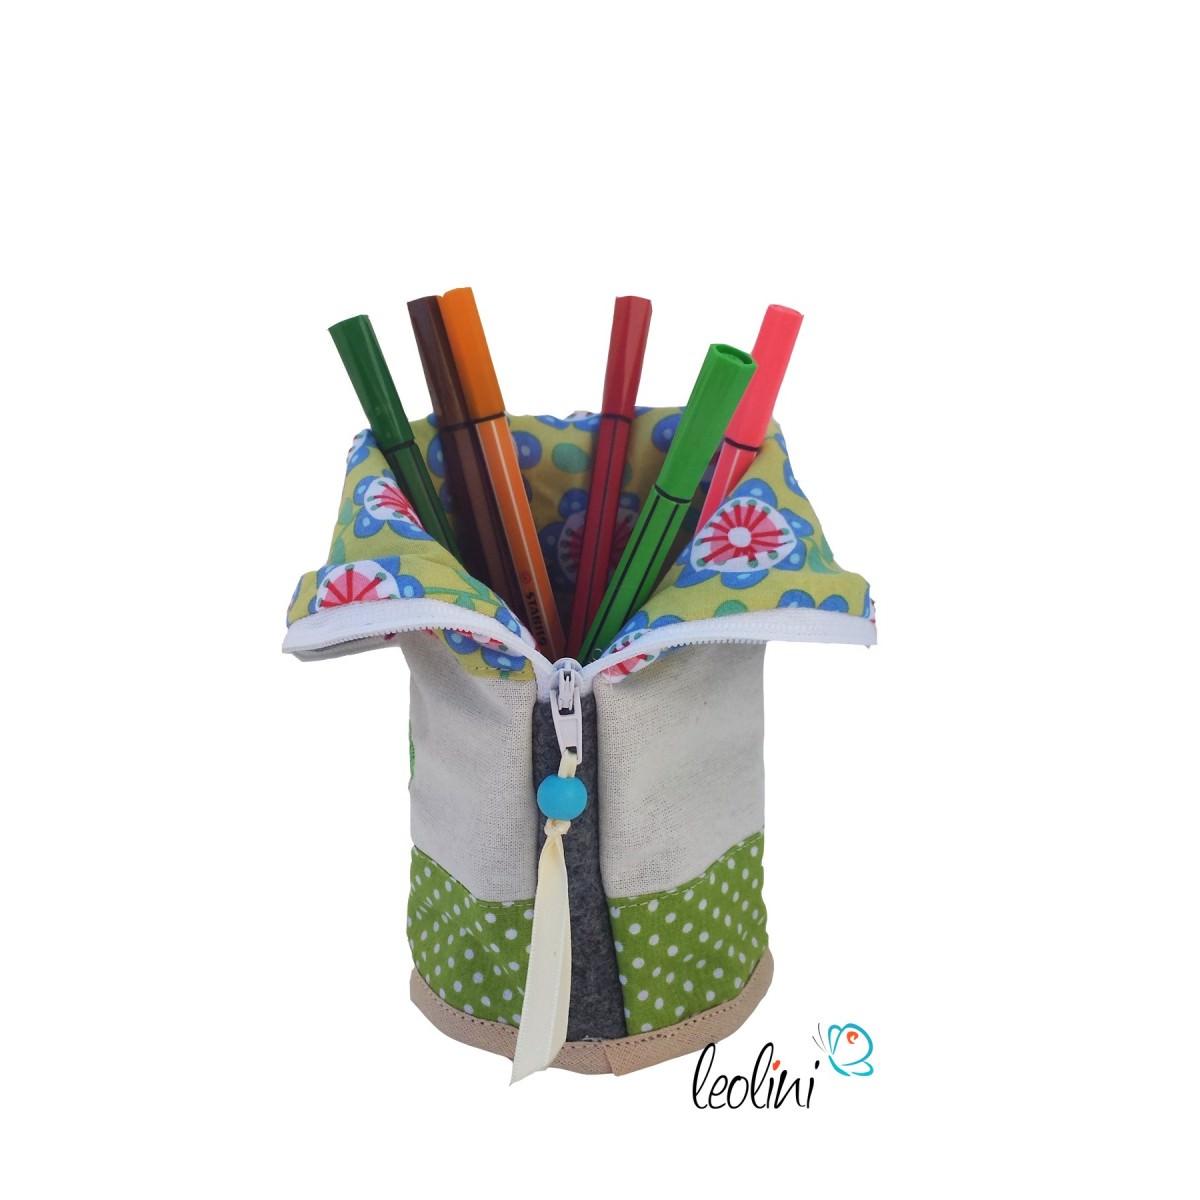 Stehende Stiftetasche Stiftepennal Buntstifte